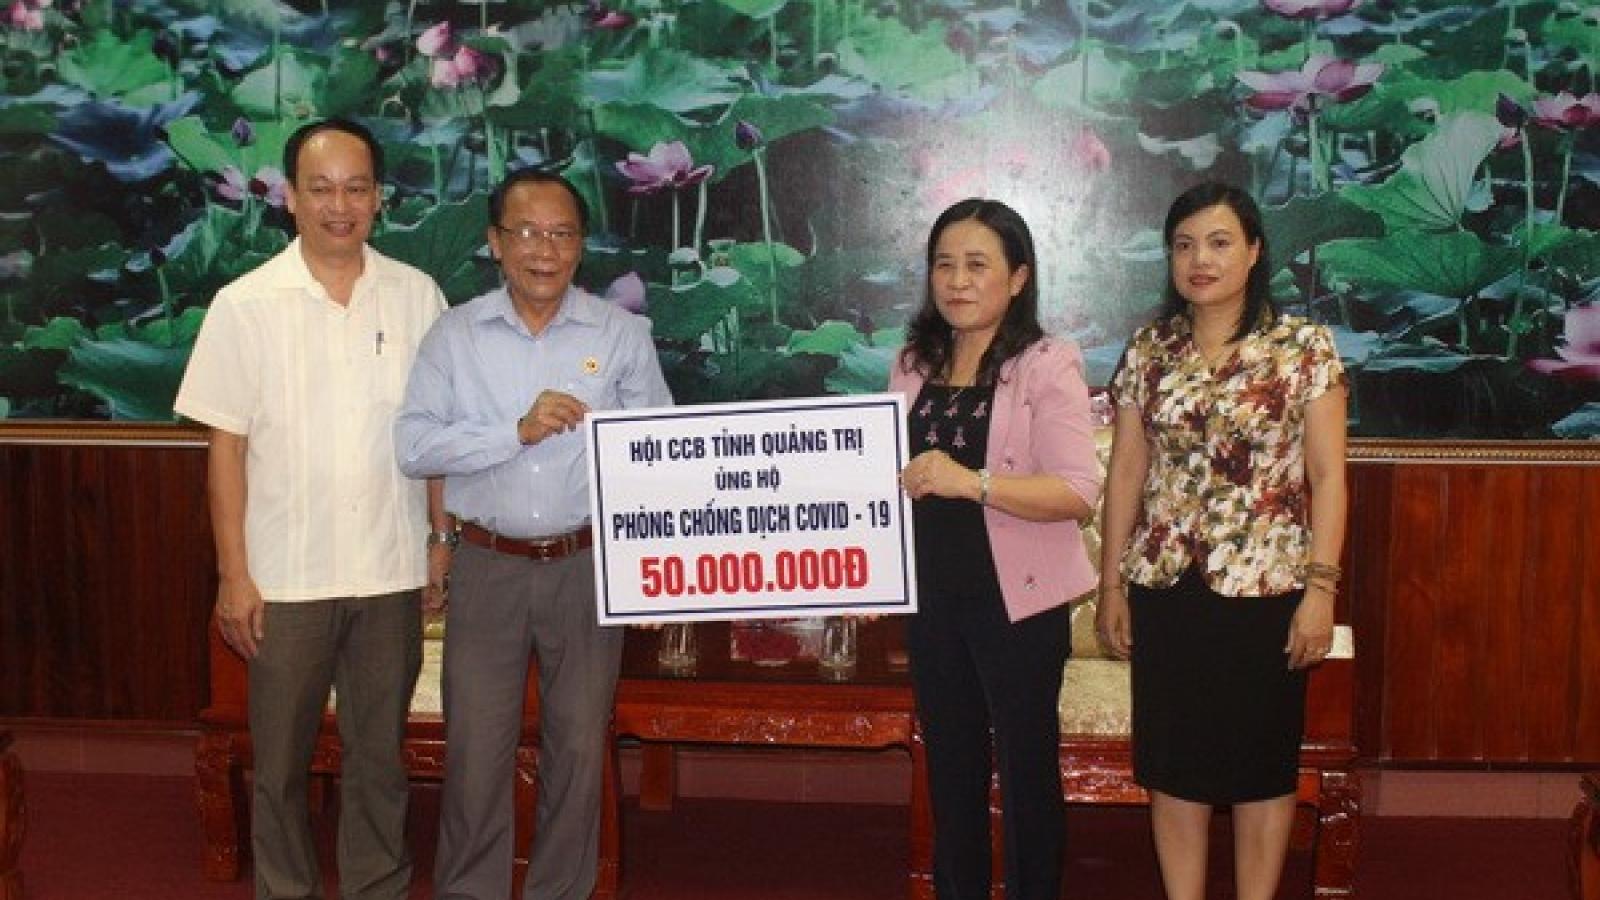 Quảng Trị tiếp nhận hơn 8,2 tỷ đồng ủng hộ phòng chống dịch